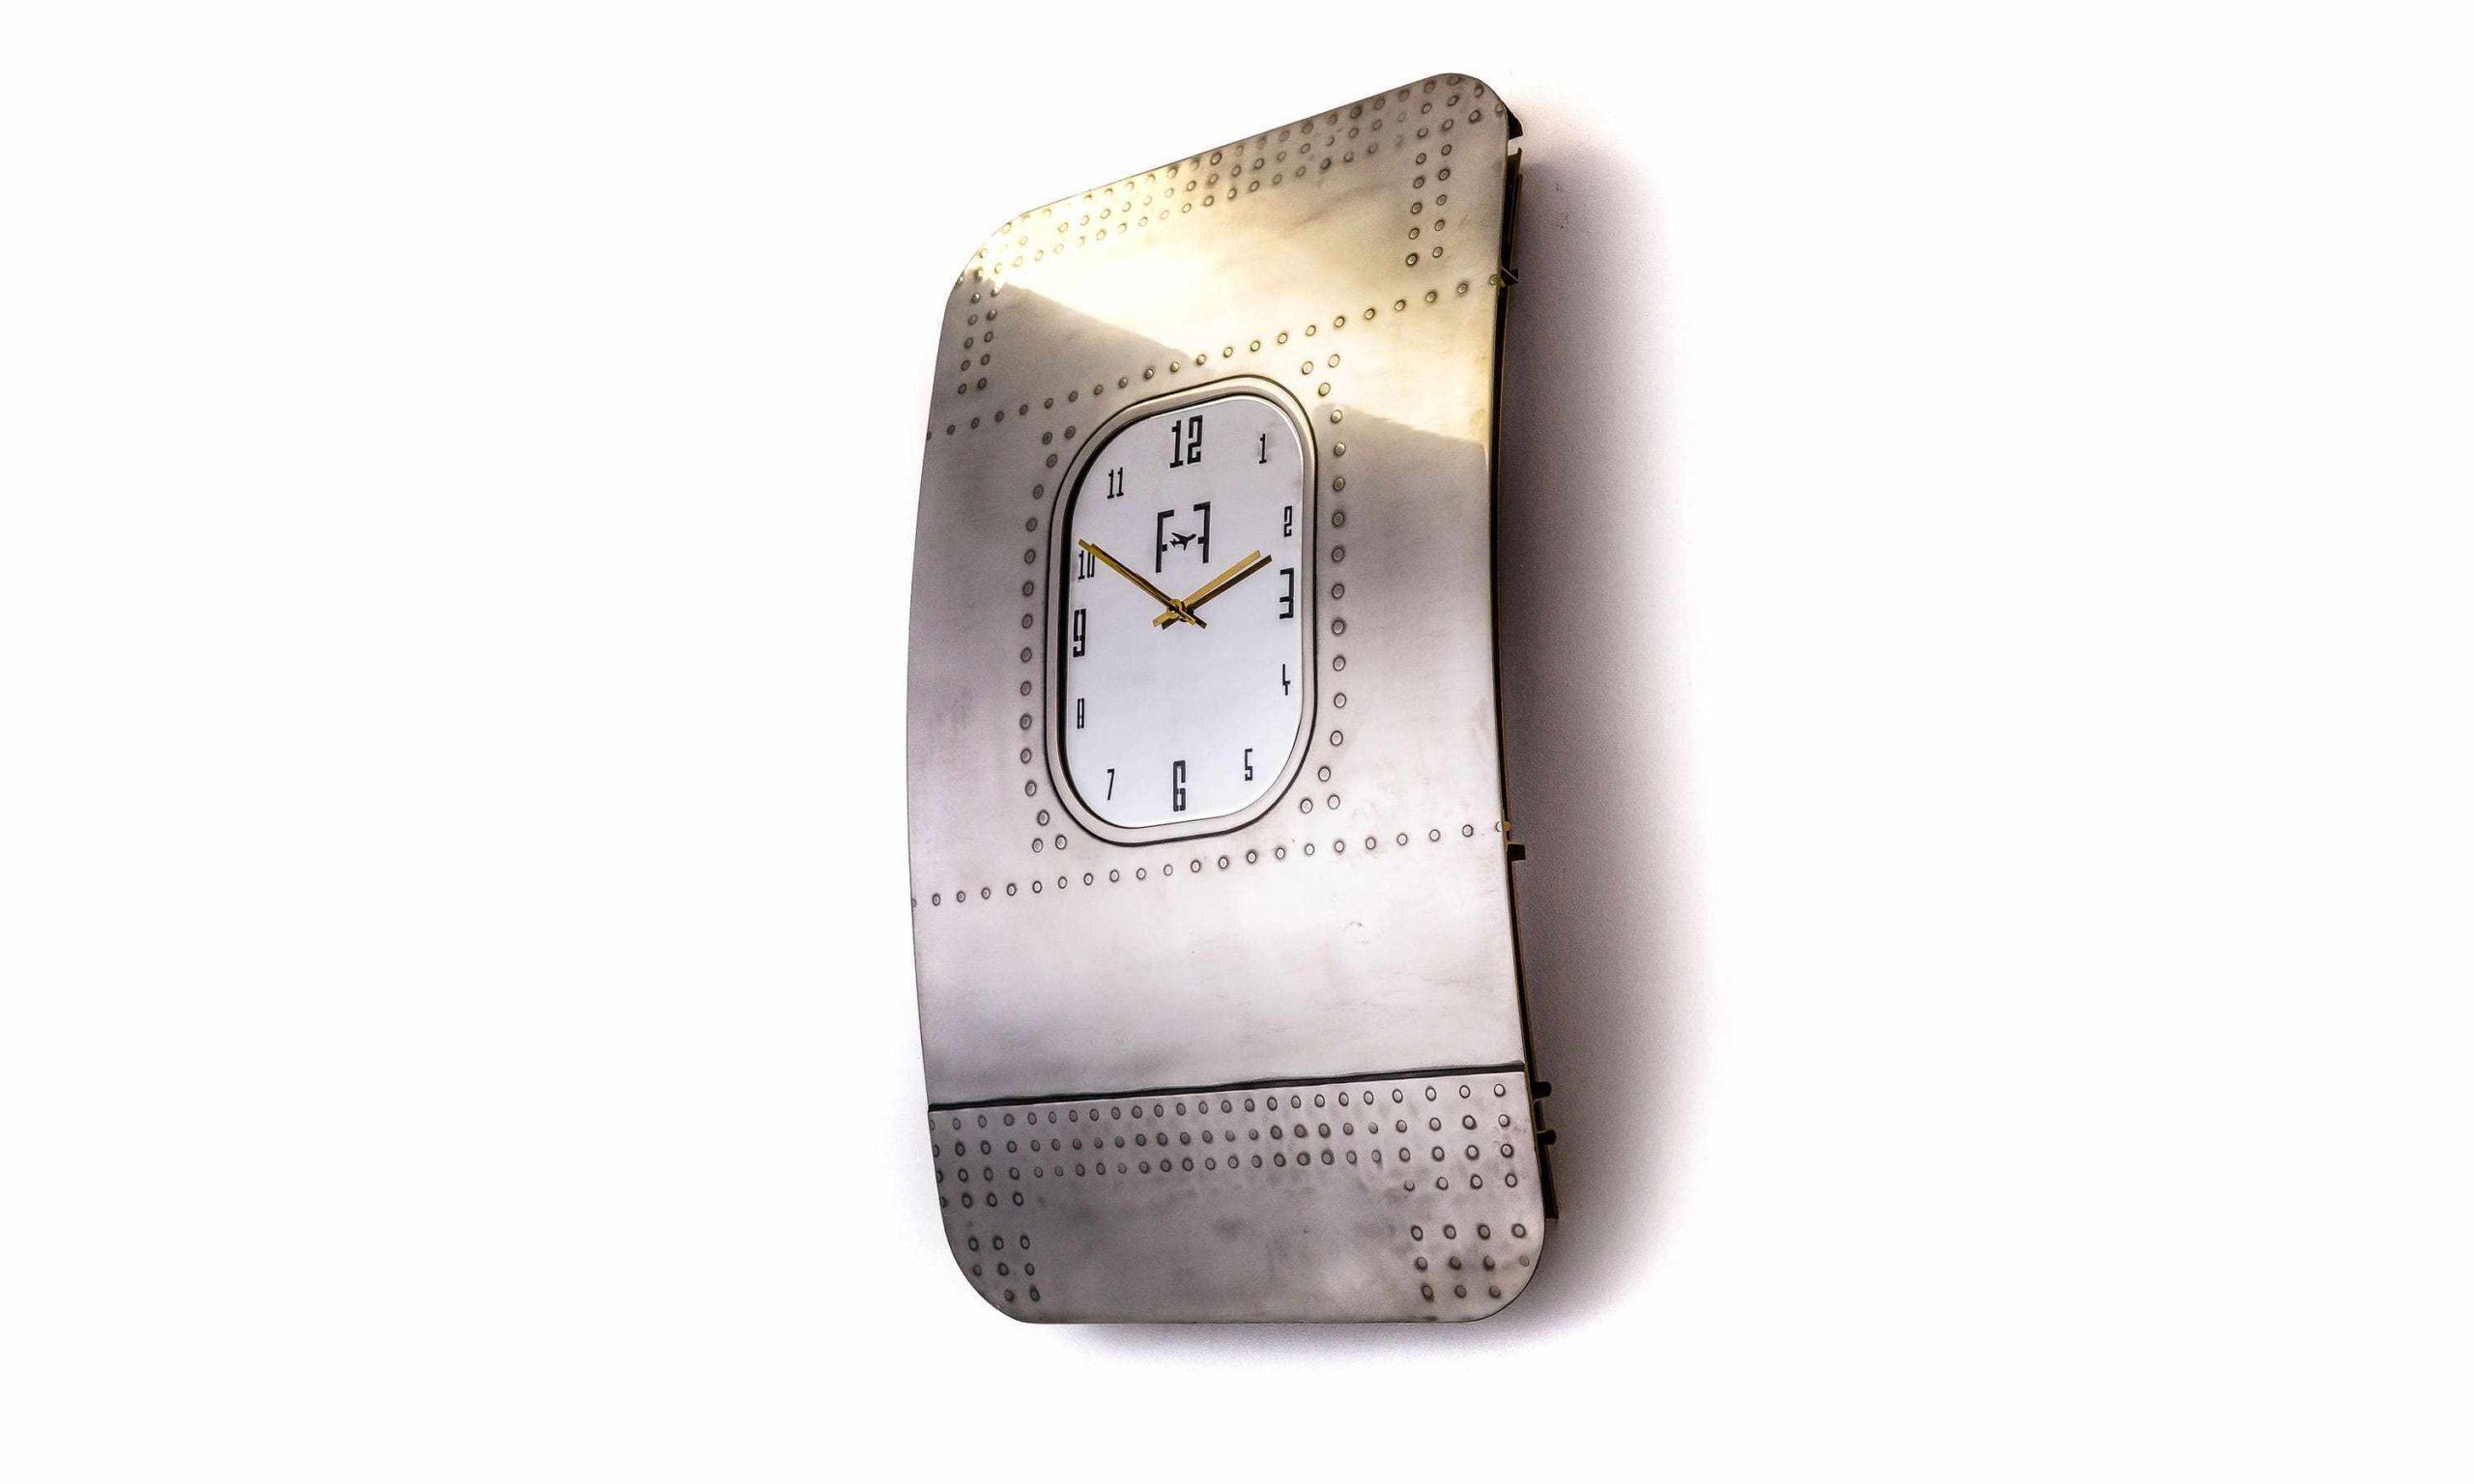 Boeing 747 Window Fuselage Clock by Plane Industries